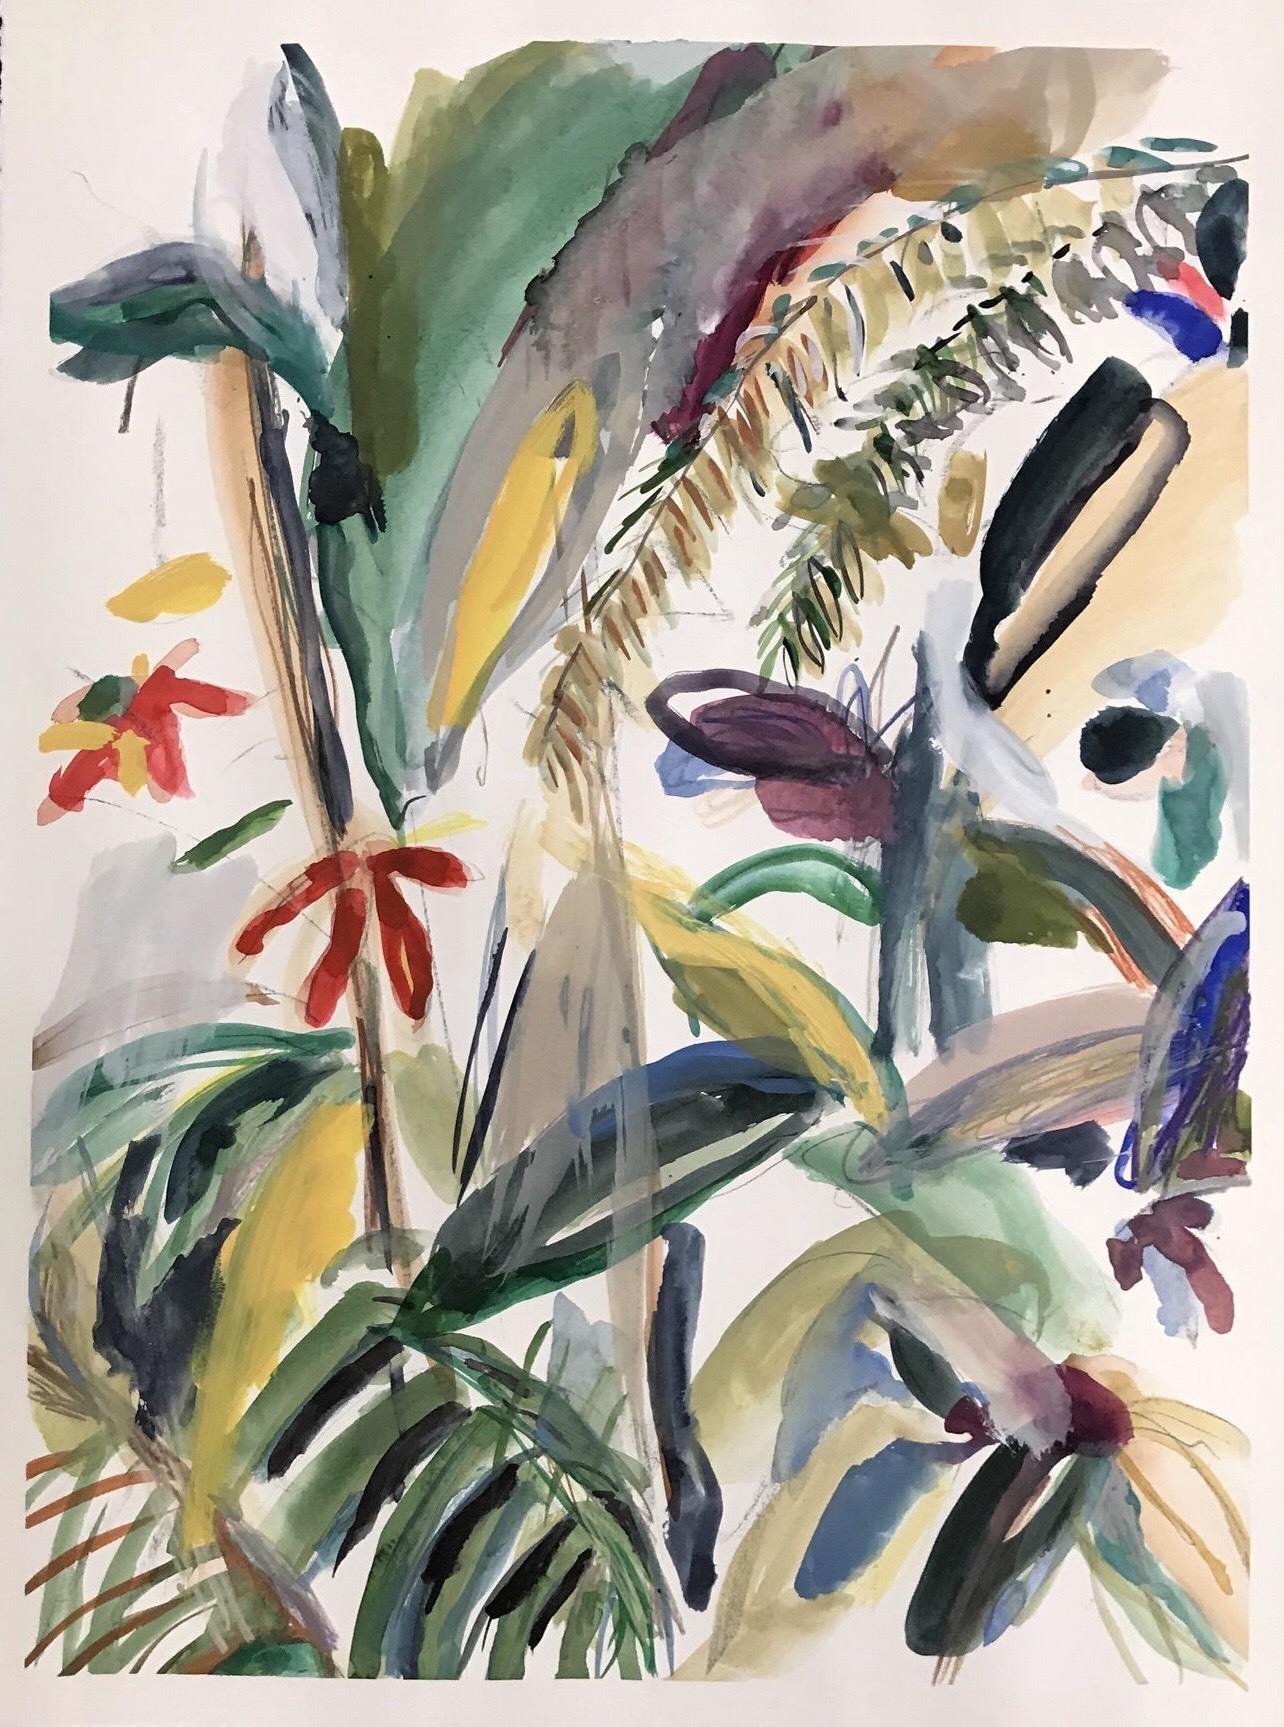 La galerie VASTE HORIZON (ex-la marchande des 4 saisons) présente le premier solo show de Sophie Kitching à Arles, dont les œuvres vous transportent dans une nature intérieure, sombre ou flamboyante.